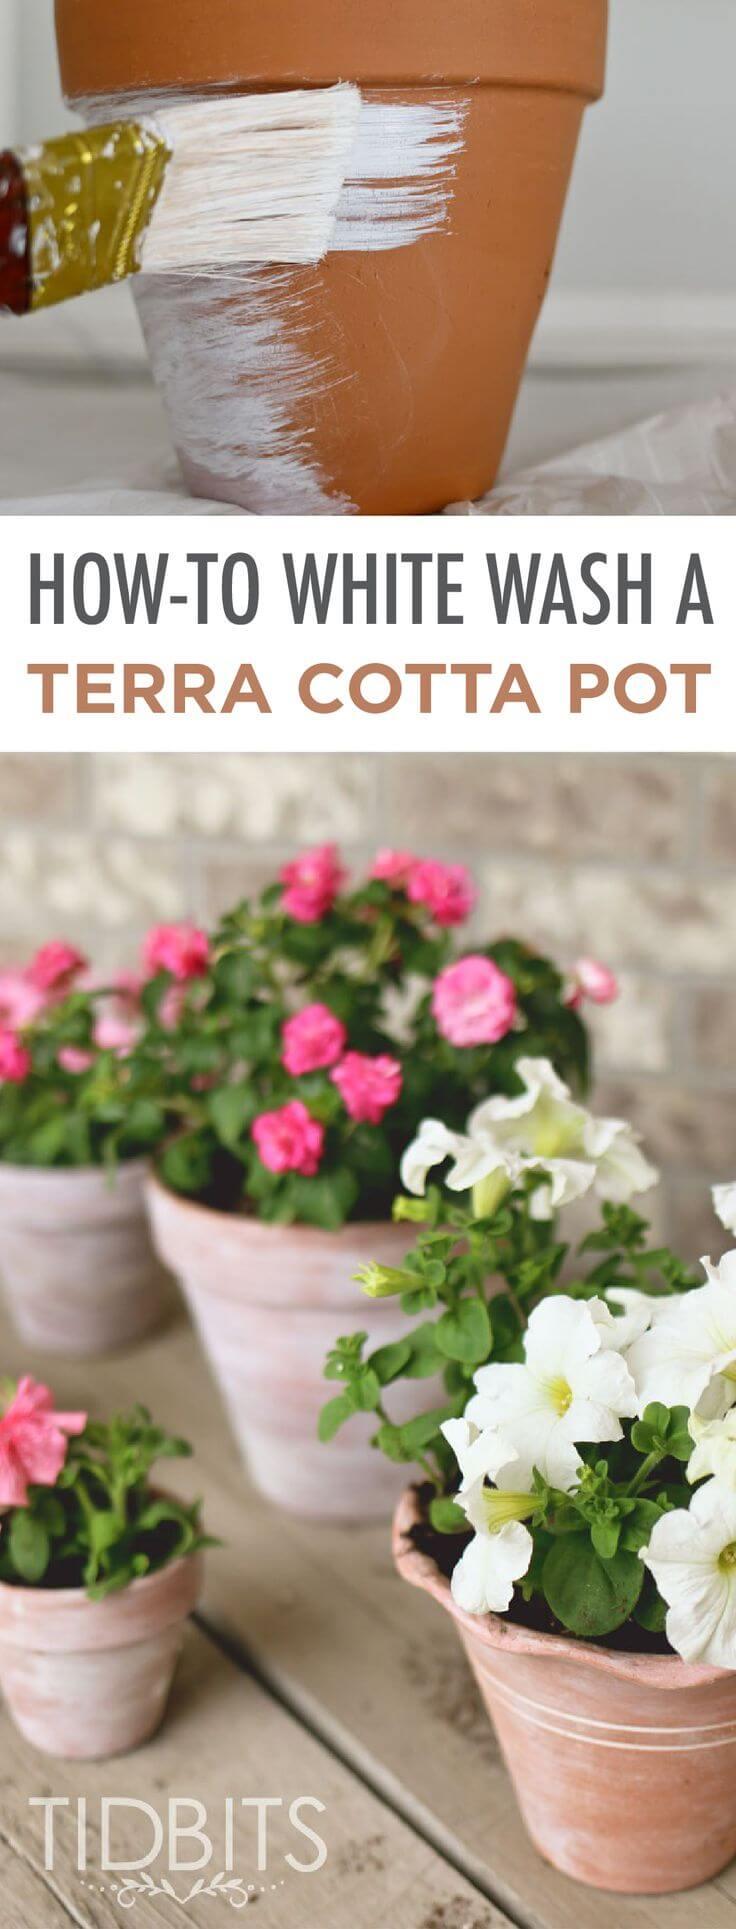 How to Distress New Terra Cotta Pots